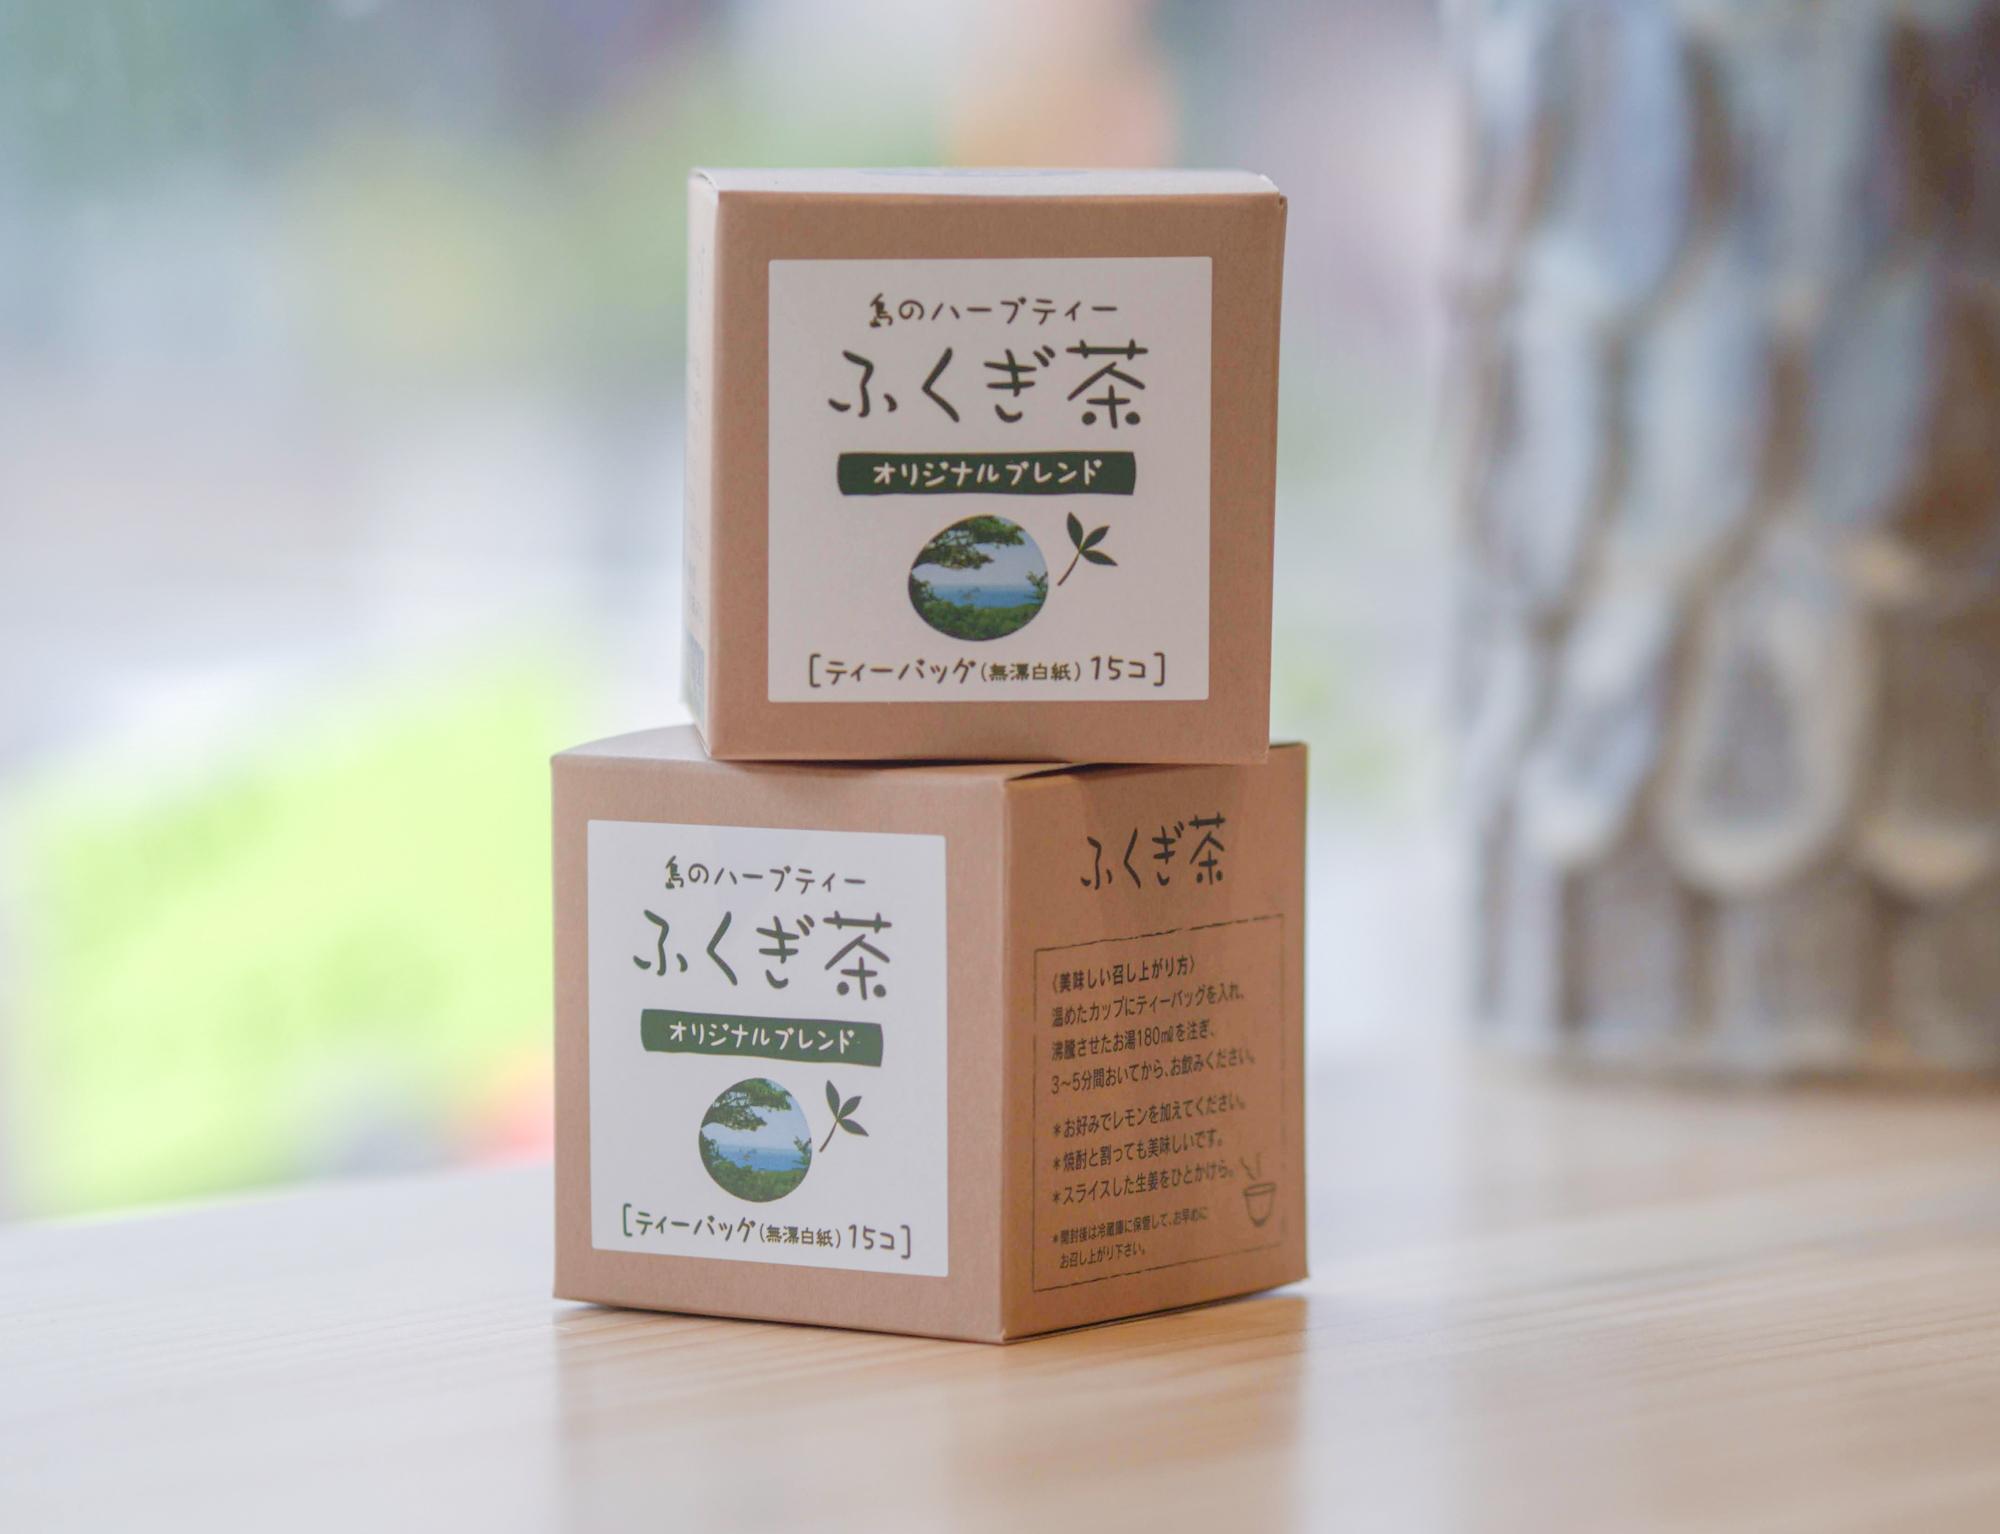 島根県・隠岐諸島のふくぎ茶(ティーパック)